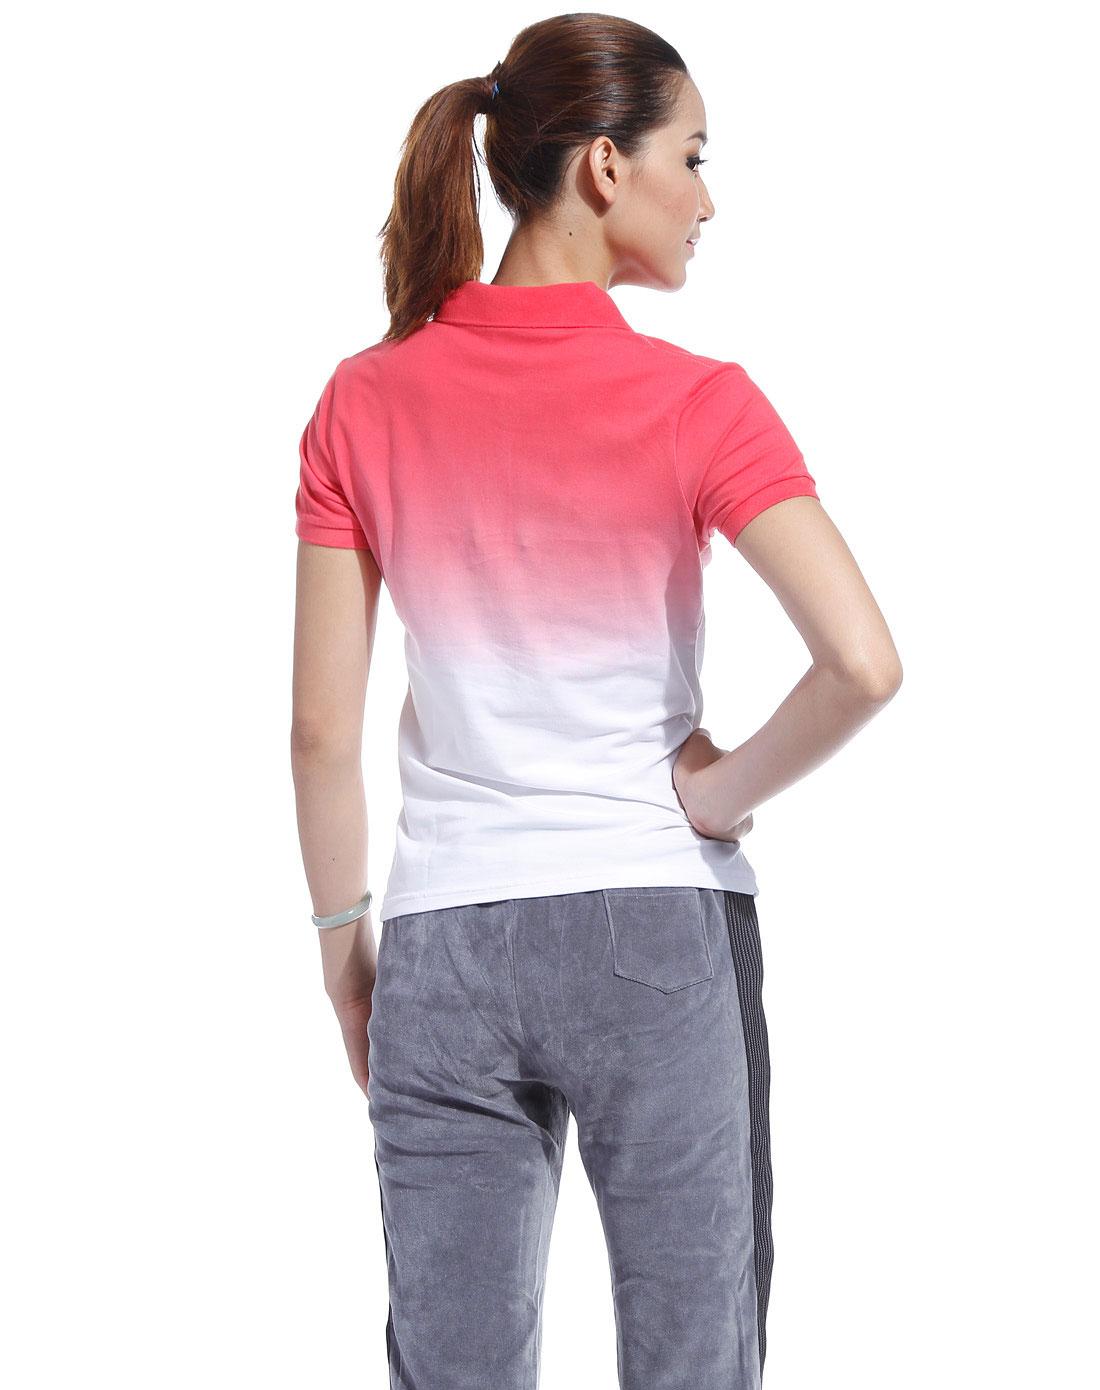 女款白/粉红色渐变翻领短袖衫